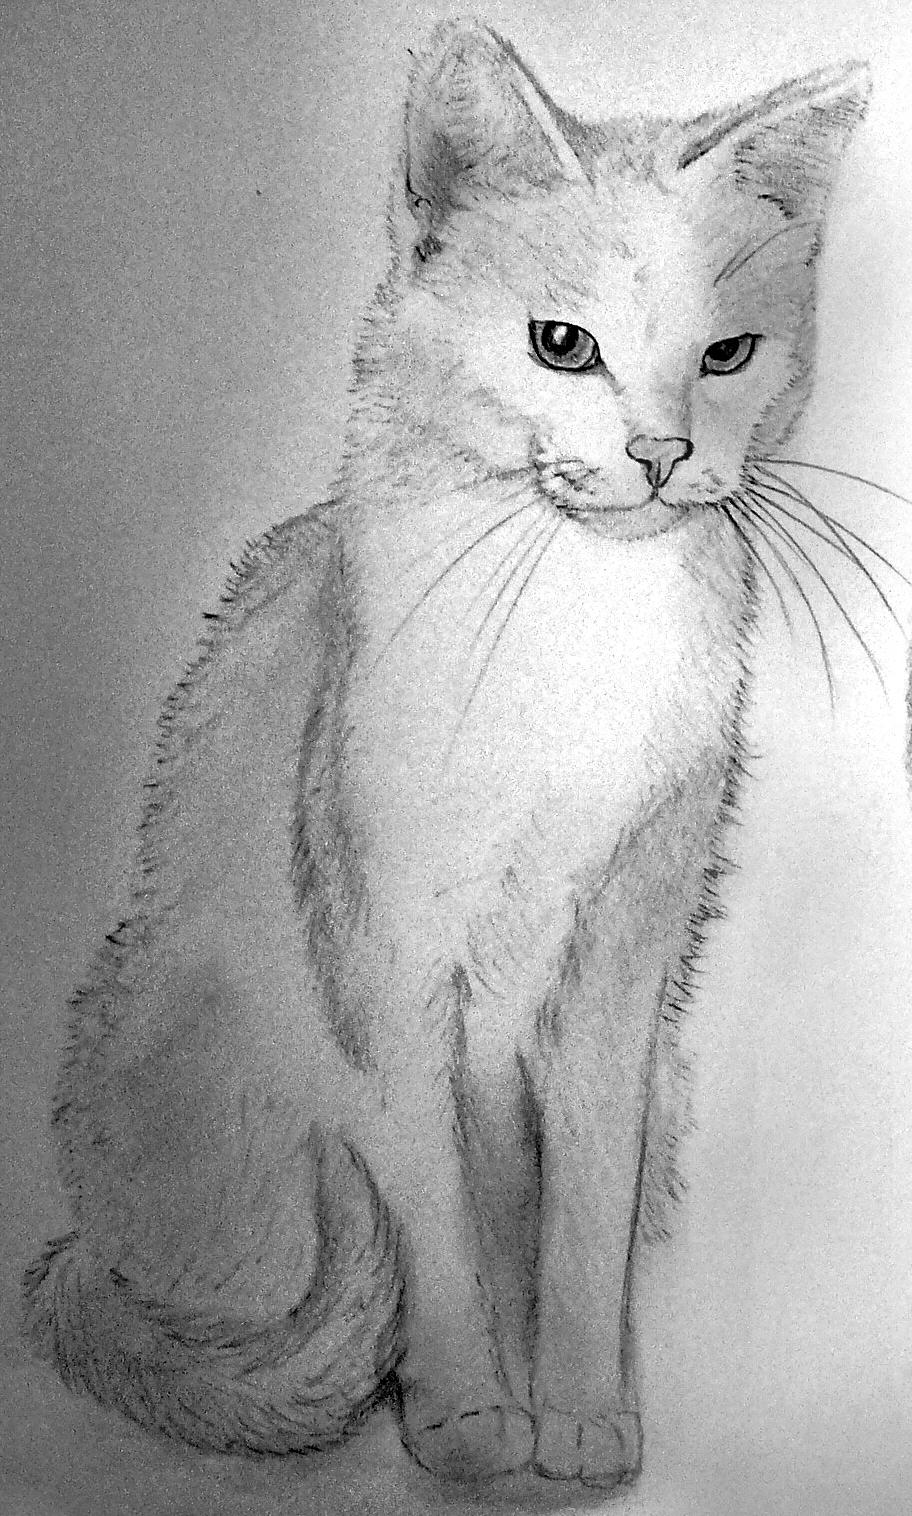 Katze_Portraitzeichnung_nach_Foto_geburtstagsgeschenk.jpg